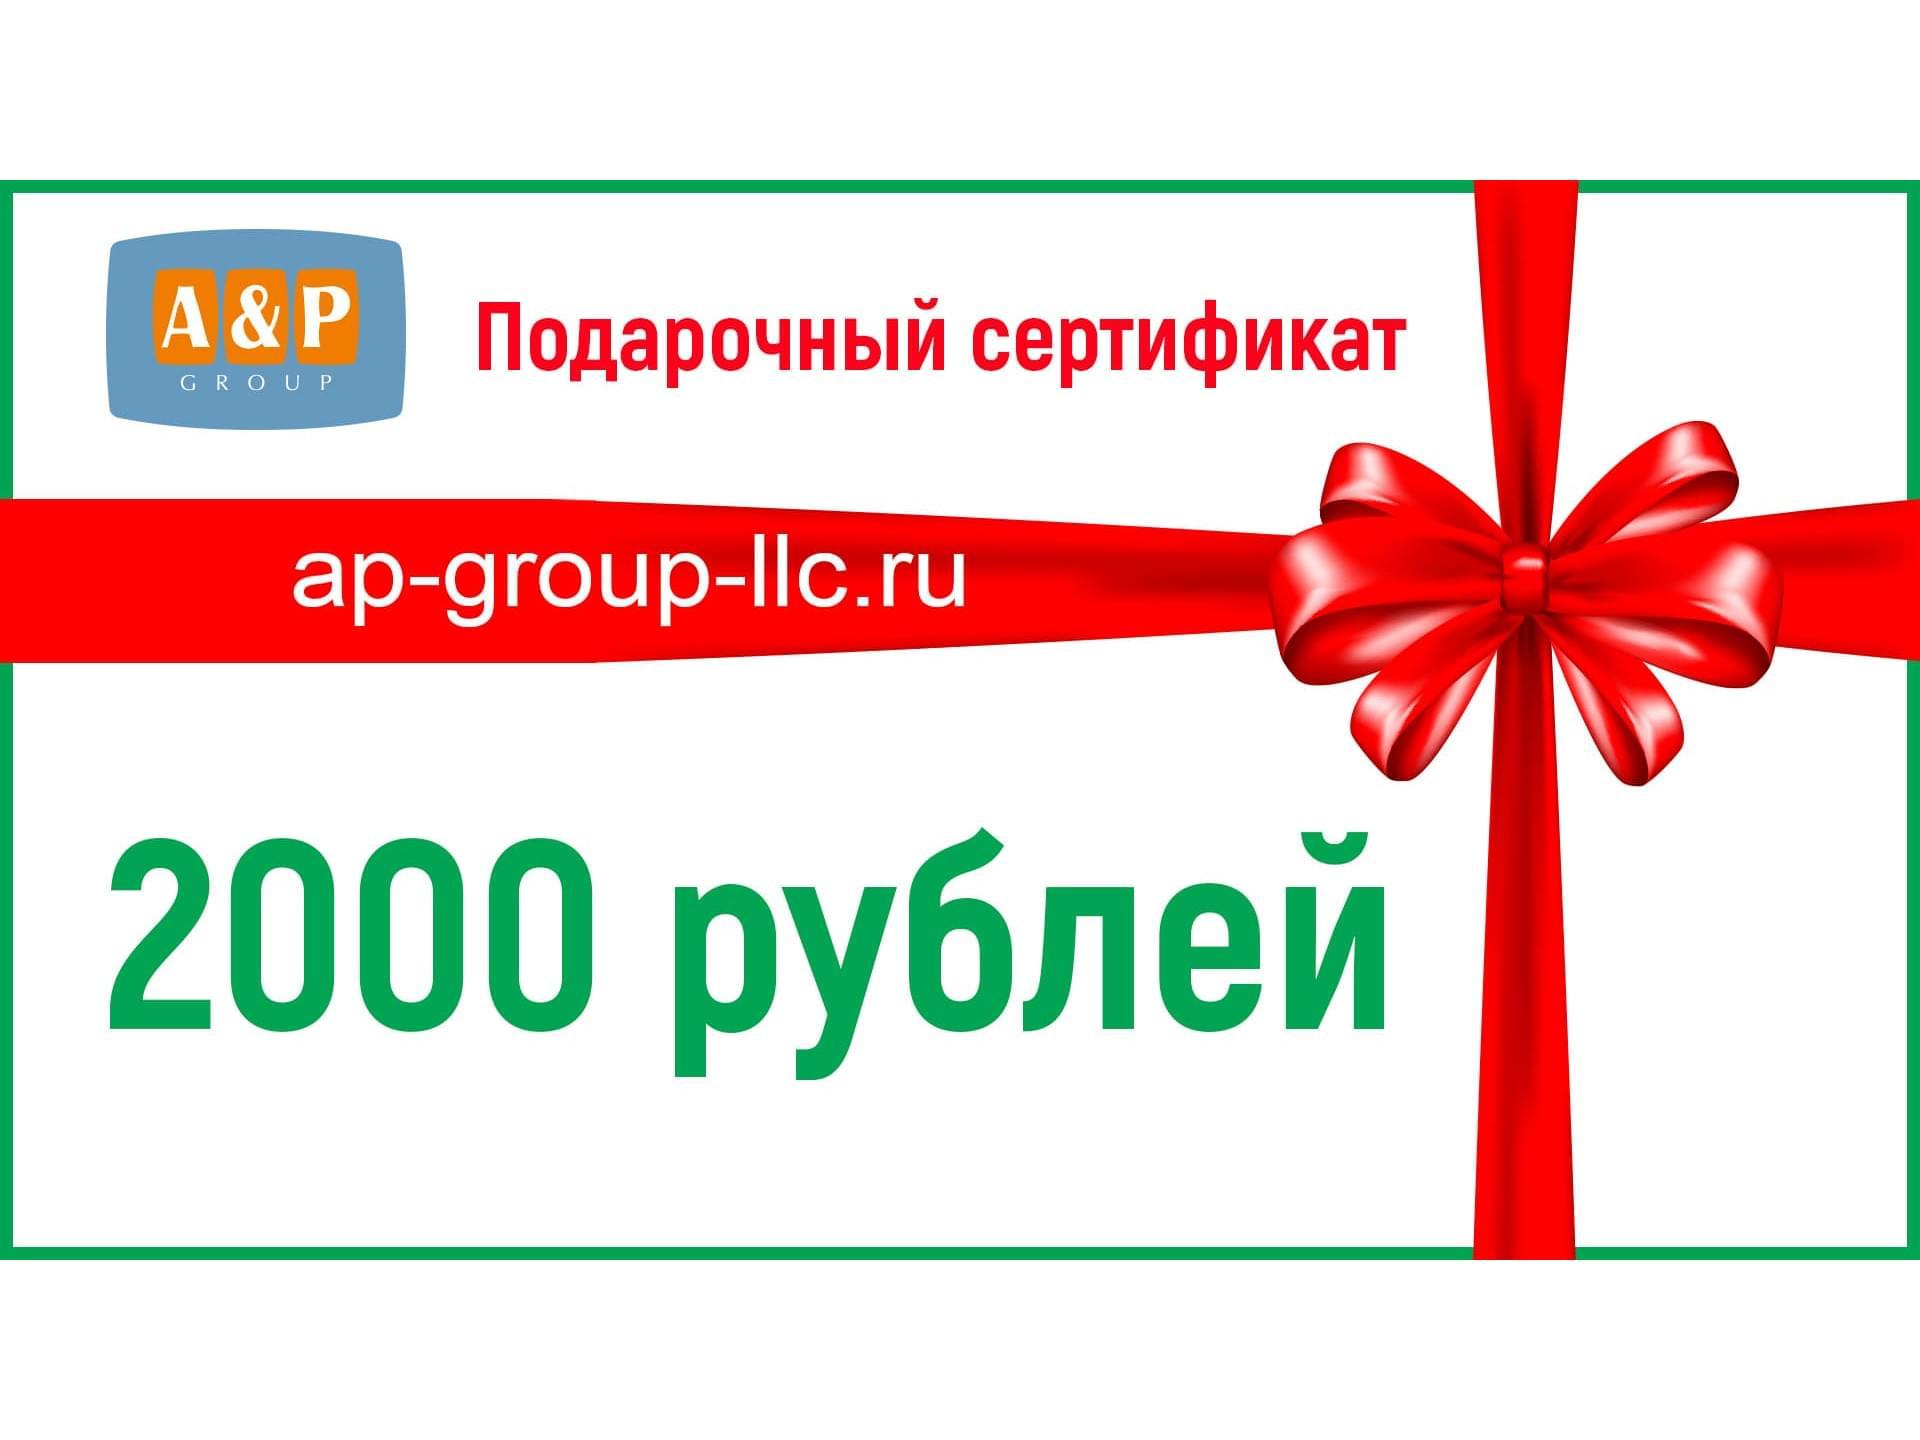 Подарочный сертификат на 2000 (Две тысячи) рублей